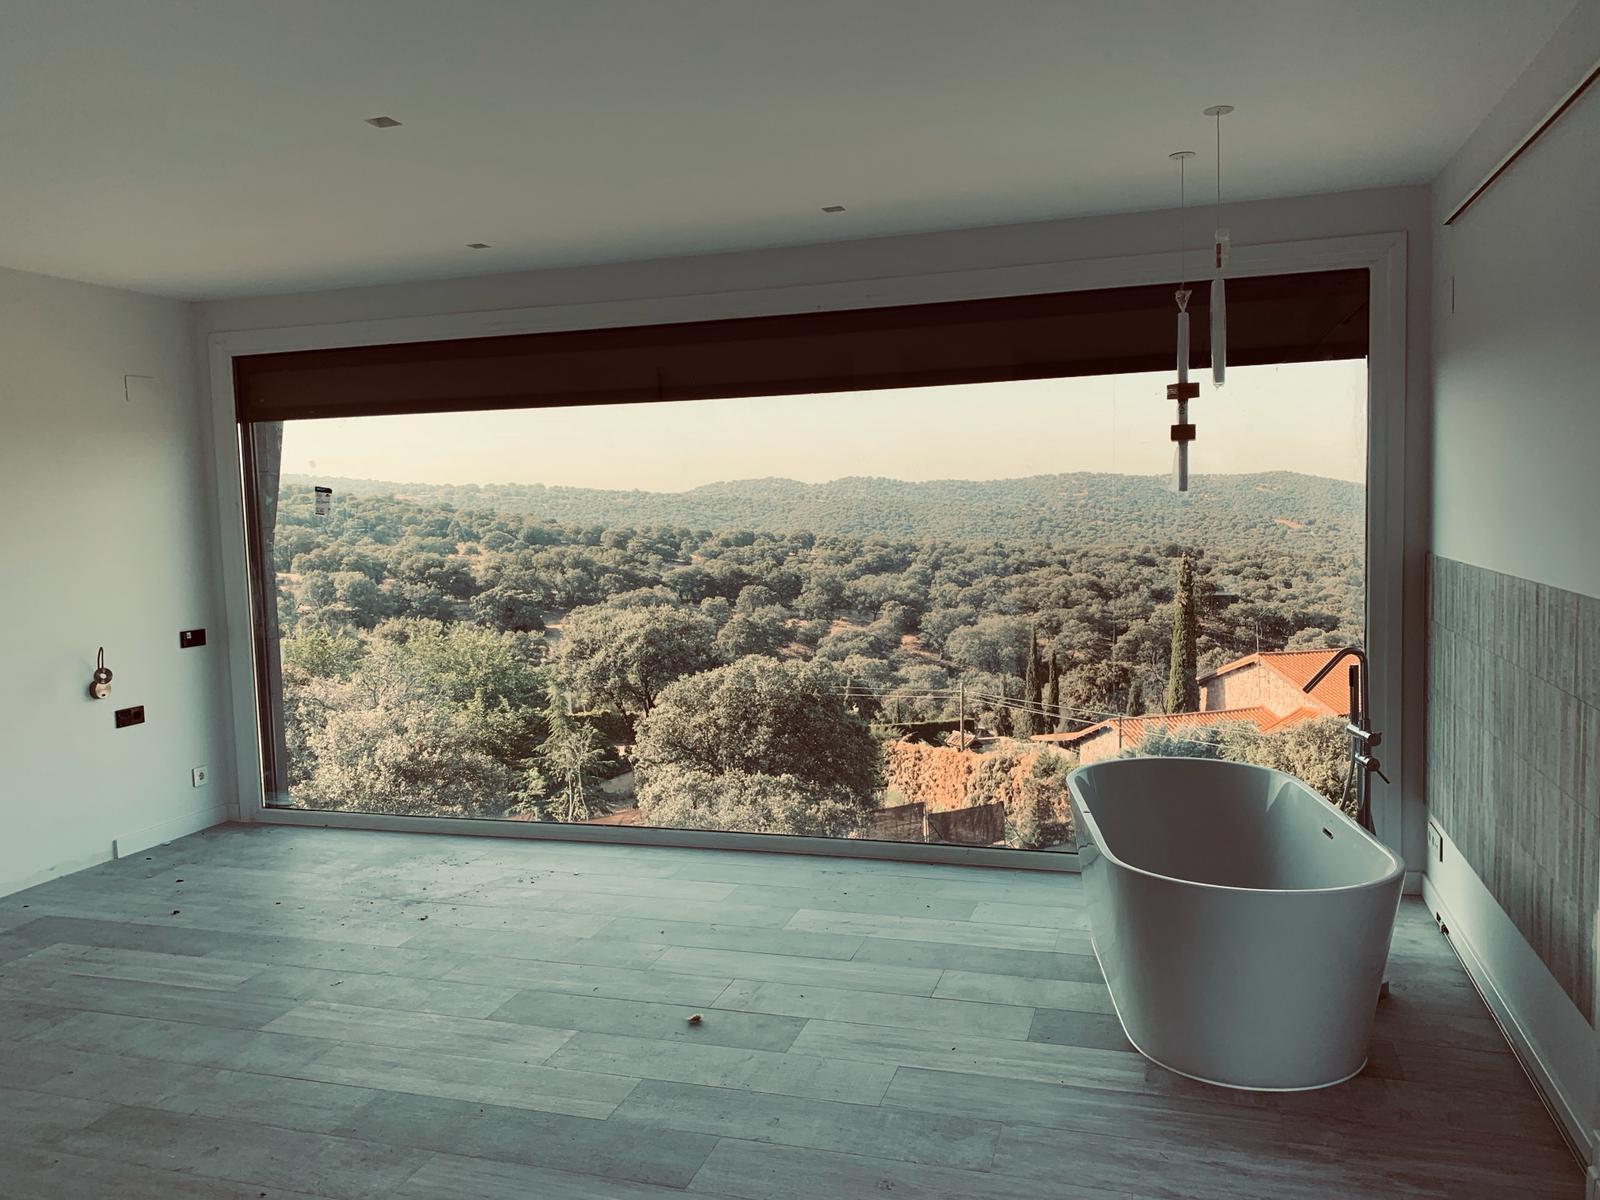 casa-prefabricada-moderna-navalgamella-madrid-9